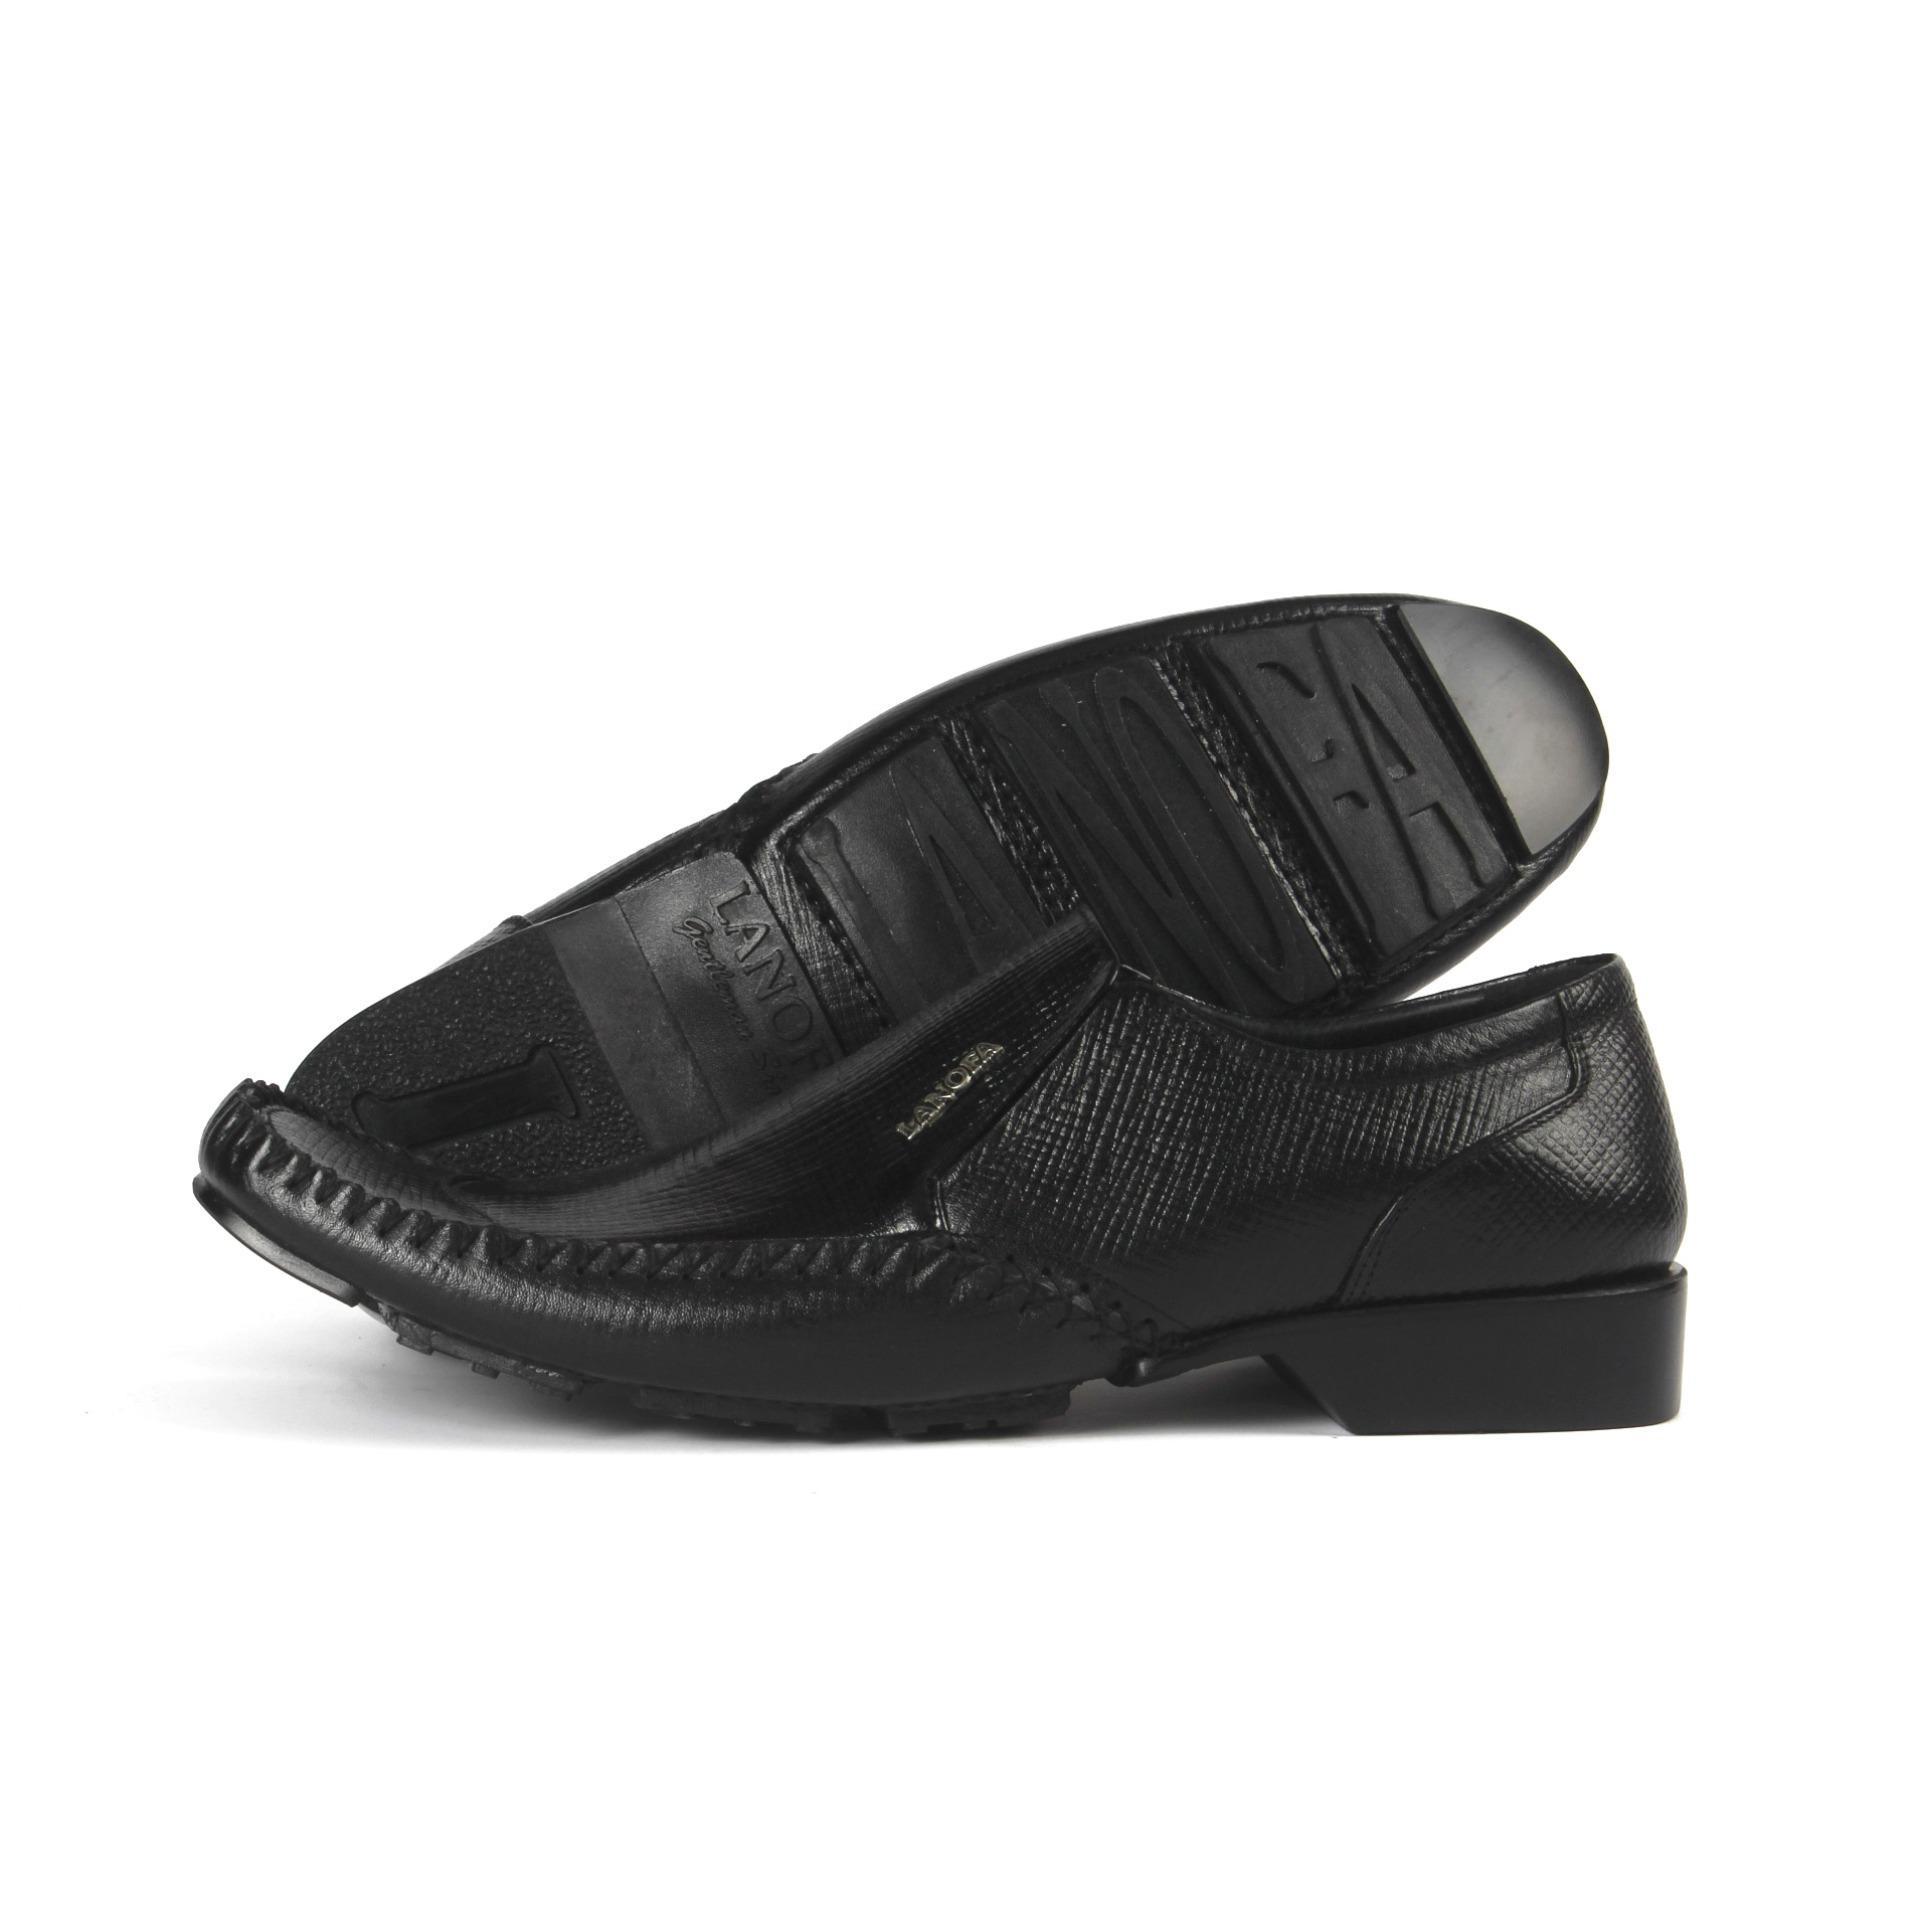 Sepatu Pantofel Pria LANOFA 1157 Tebuat Dari Kulit Sapi Asli Yang Ada Di Jakarta